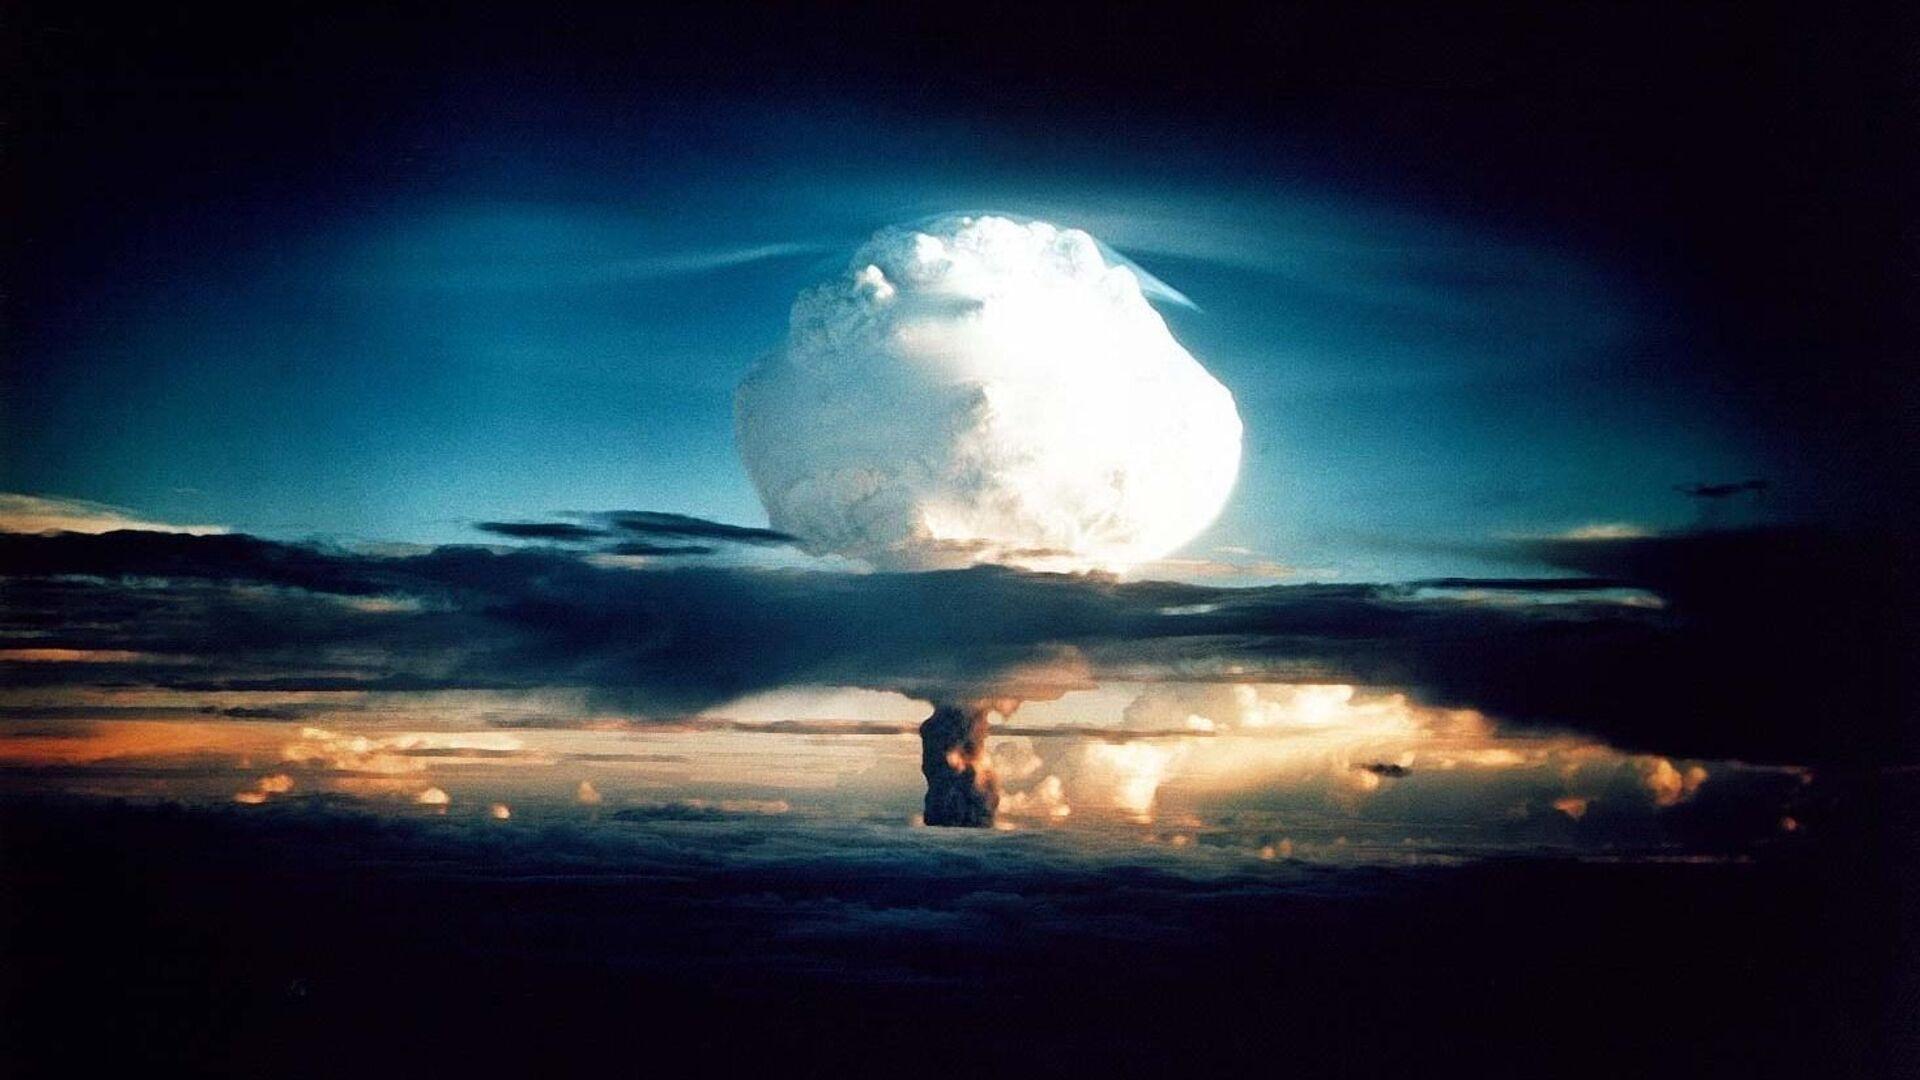 První zkouška prototypu vodíkové pumy. USA, 1. listopad 1952 - Sputnik Česká republika, 1920, 20.05.2021